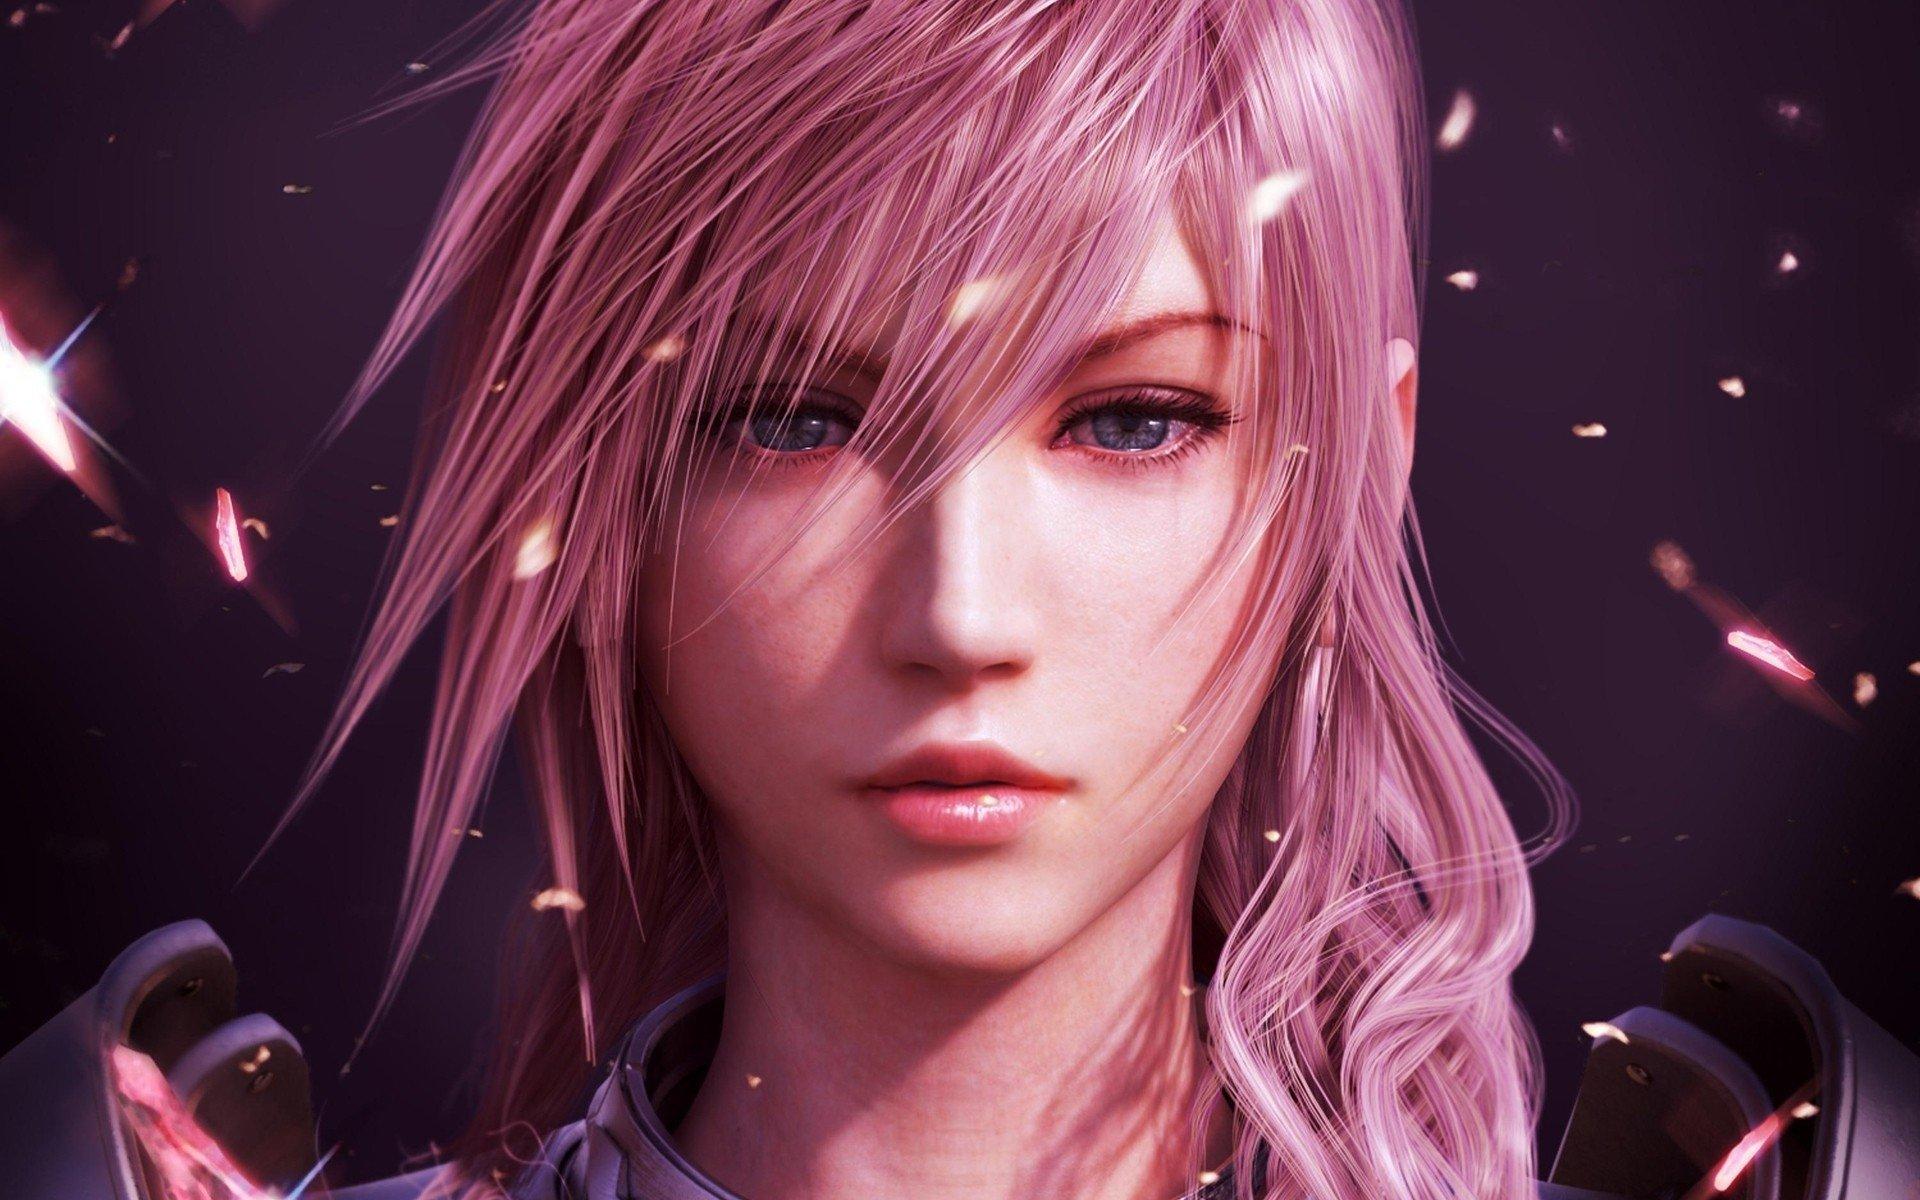 电子游戏 - 最终幻想13-2  最终幻想13 CGI 最终幻想 Pink Hair 壁纸